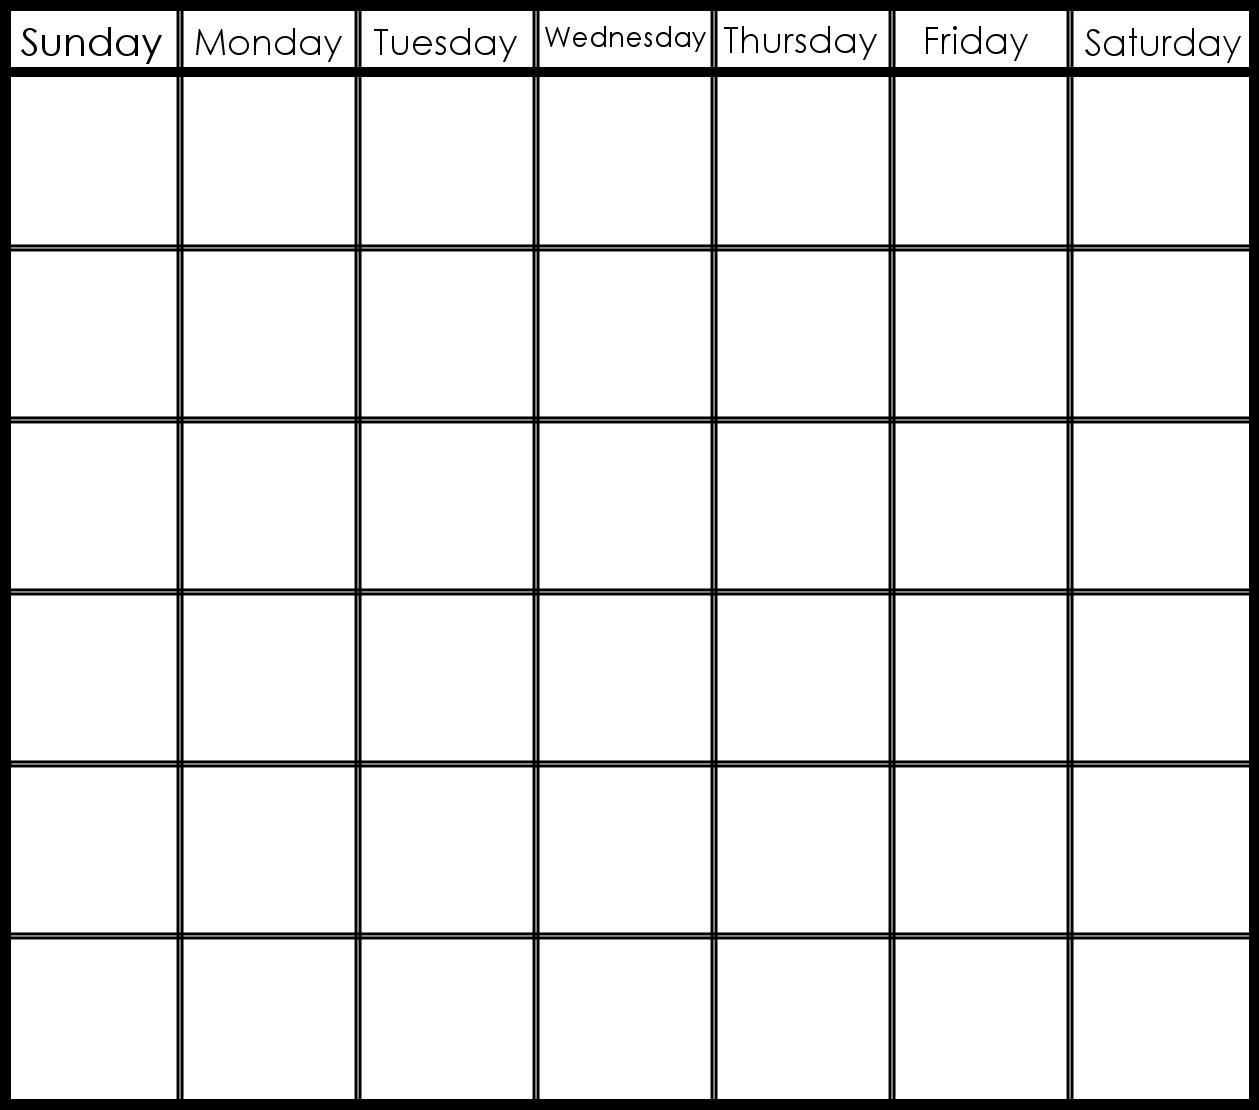 6 Week Printable Calendar   Printable Calendar Templates 2019-6 Week with regard to Blank 6 Week Calendar Template